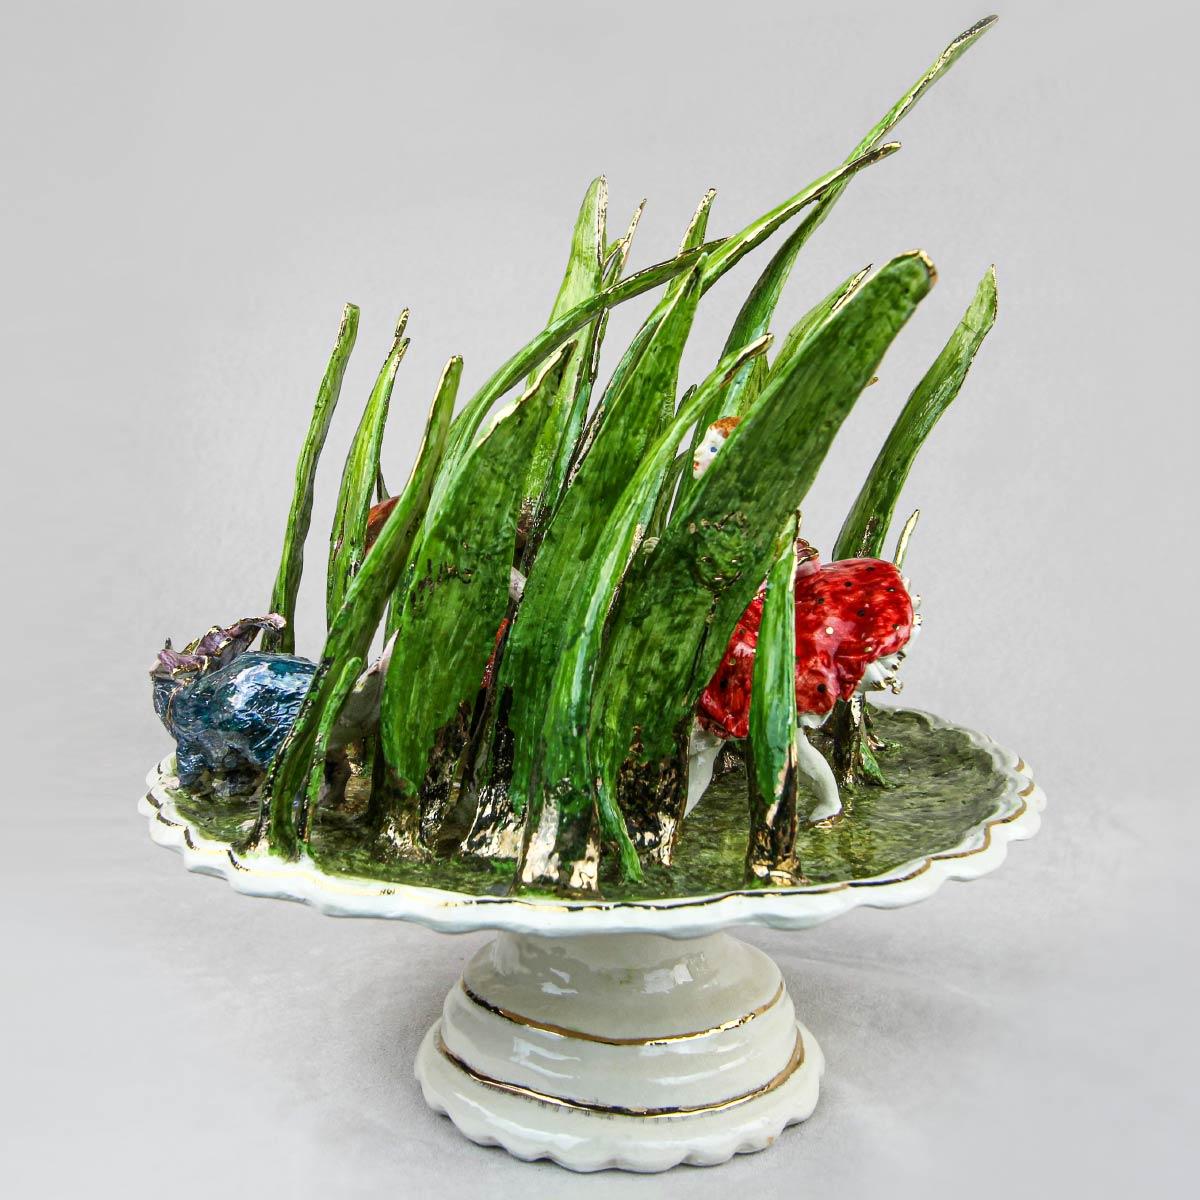 sculpture thumbellina stoneware gold Cecilia Coppola Italiano Plurale artist